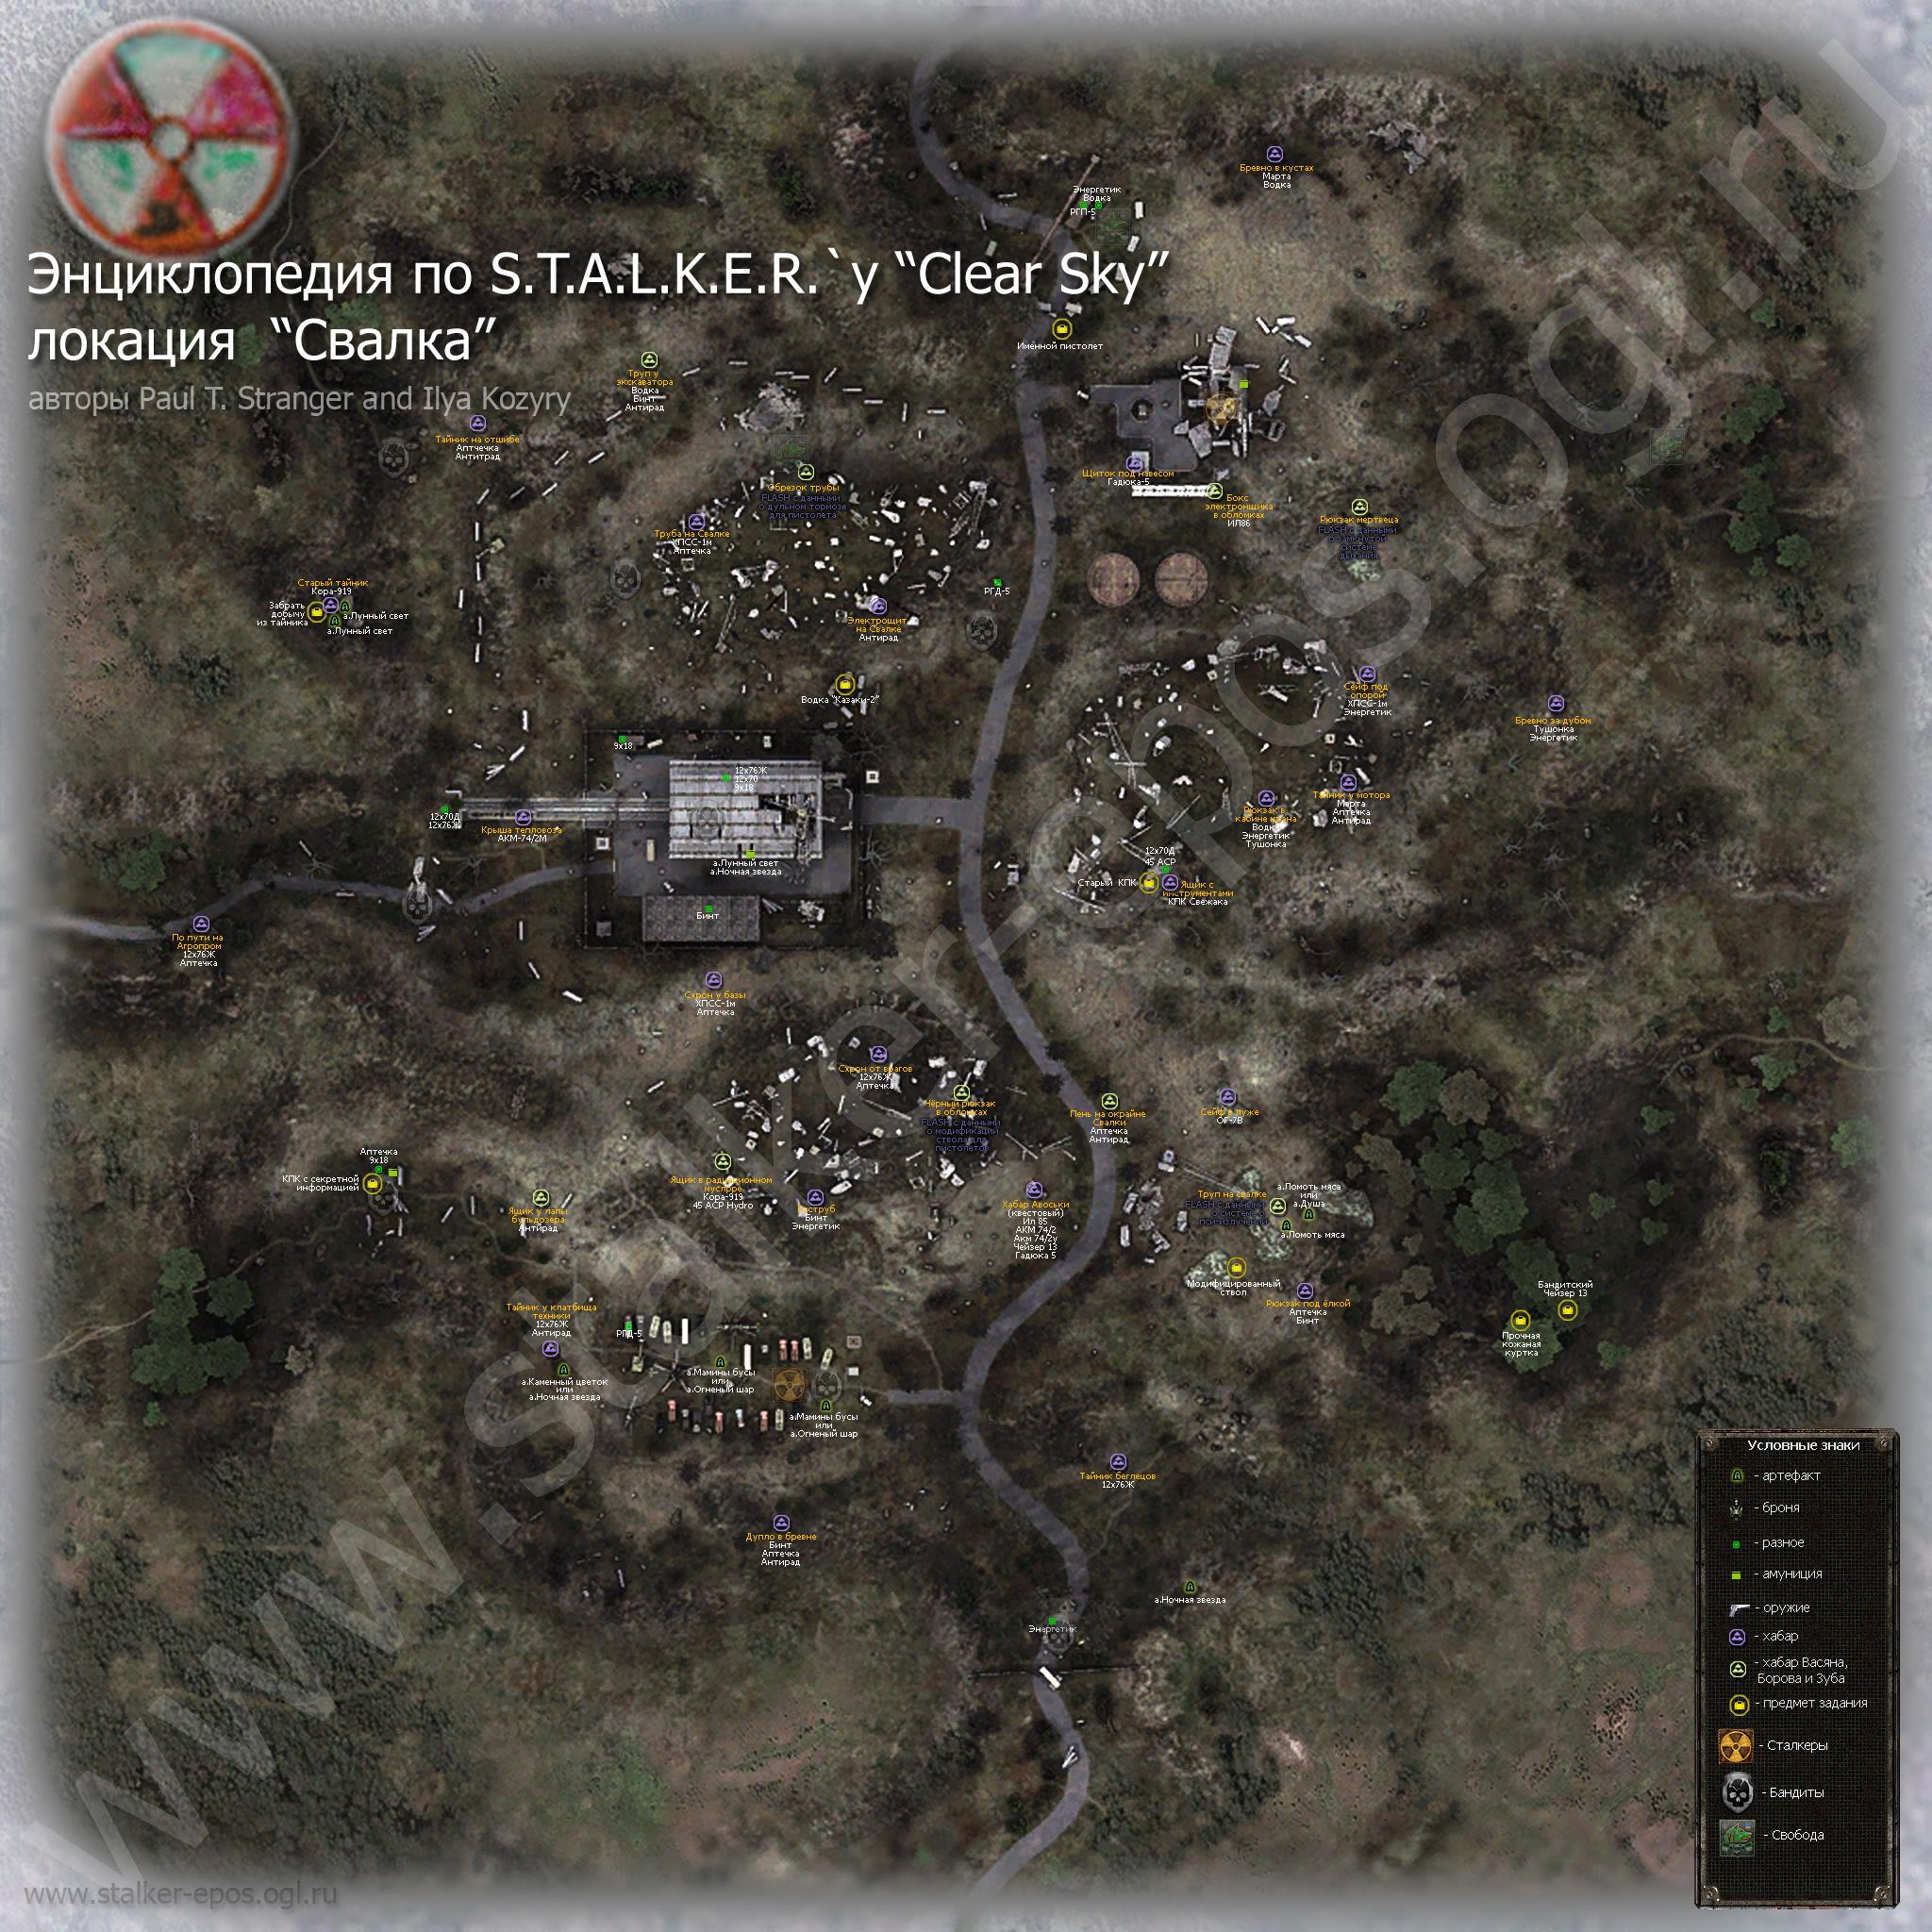 картинки всех карт с секретами в сталкер хочу вам показать